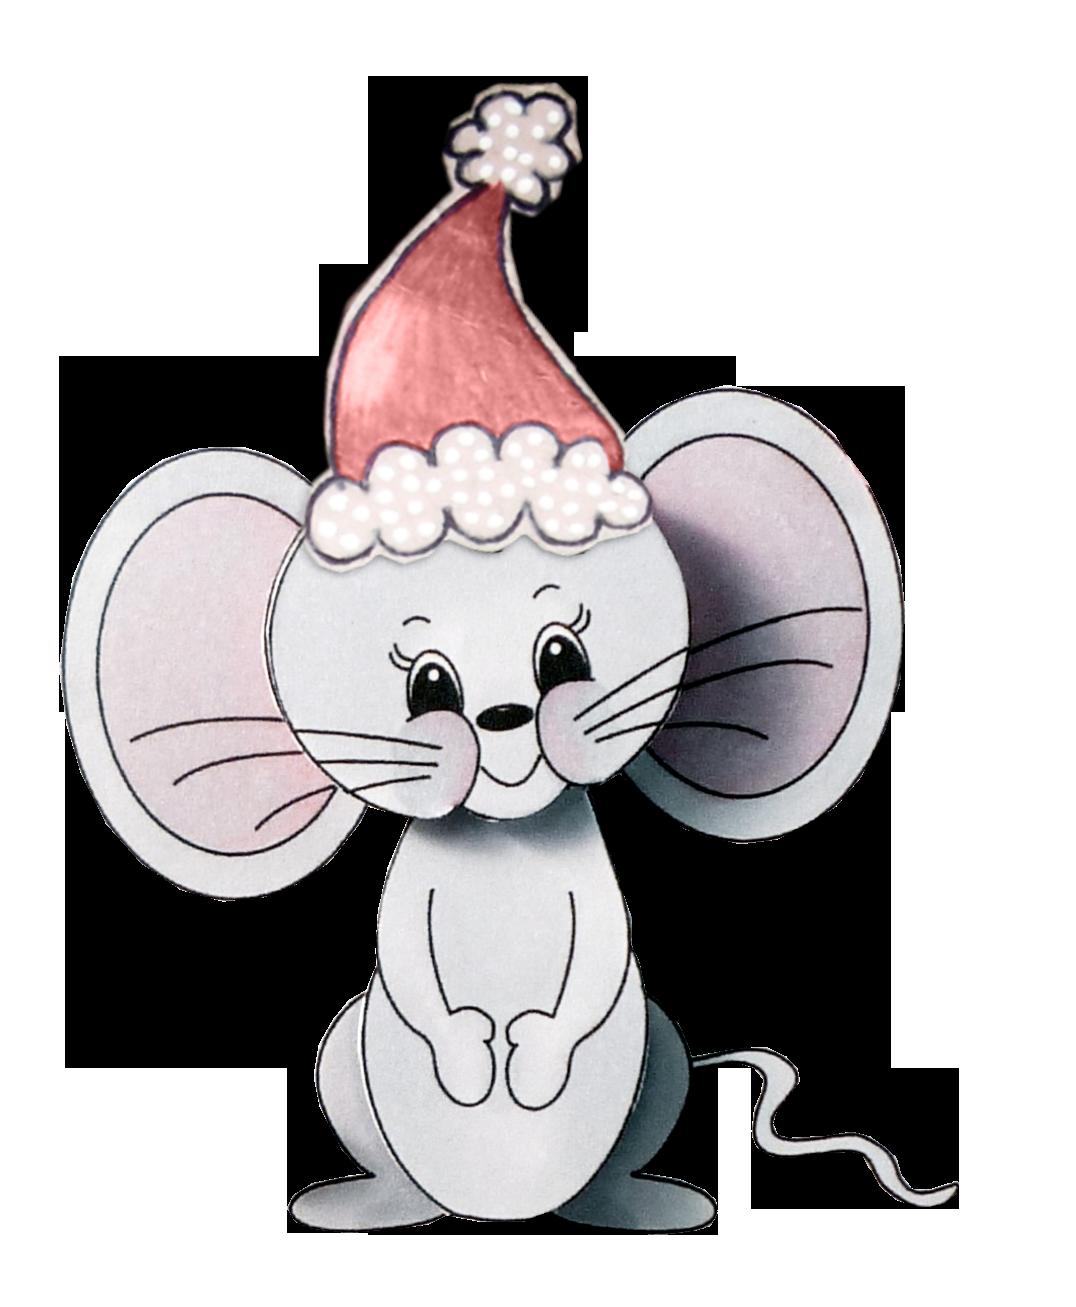 новогодняя мышка картинки карандашом музыке